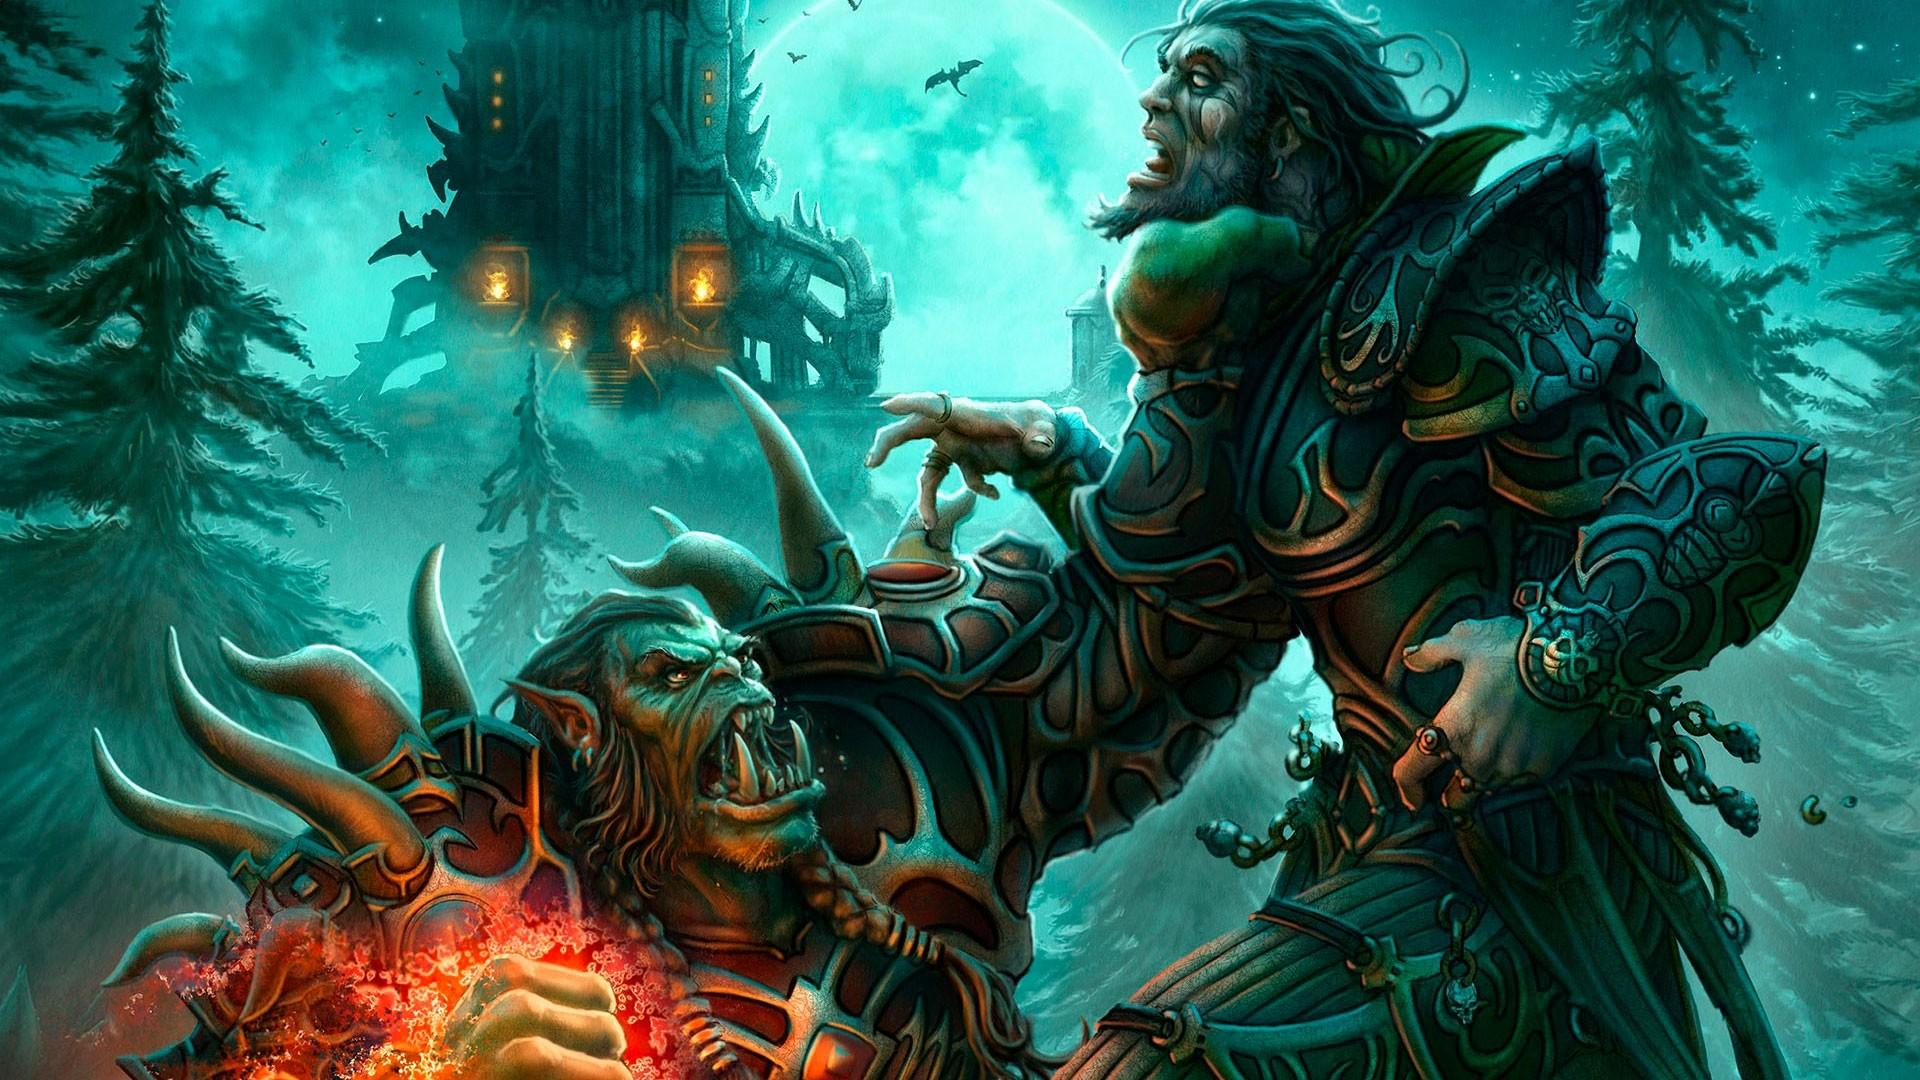 World Of Warcraft hd desktop wallpaper